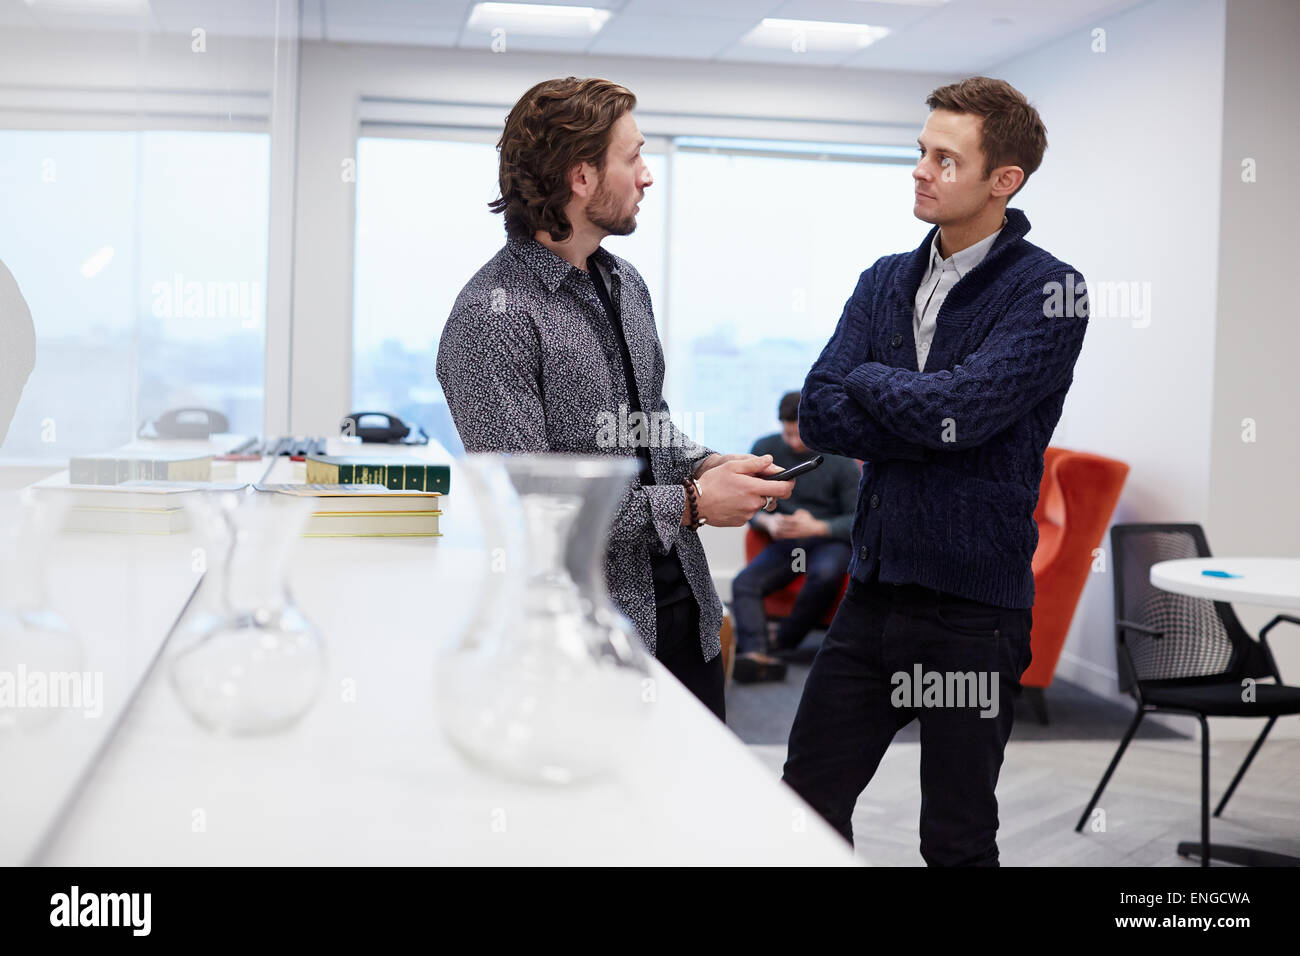 Dos hombres en una oficina, de pie y conversar, uno con los brazos cruzados. Foto de stock